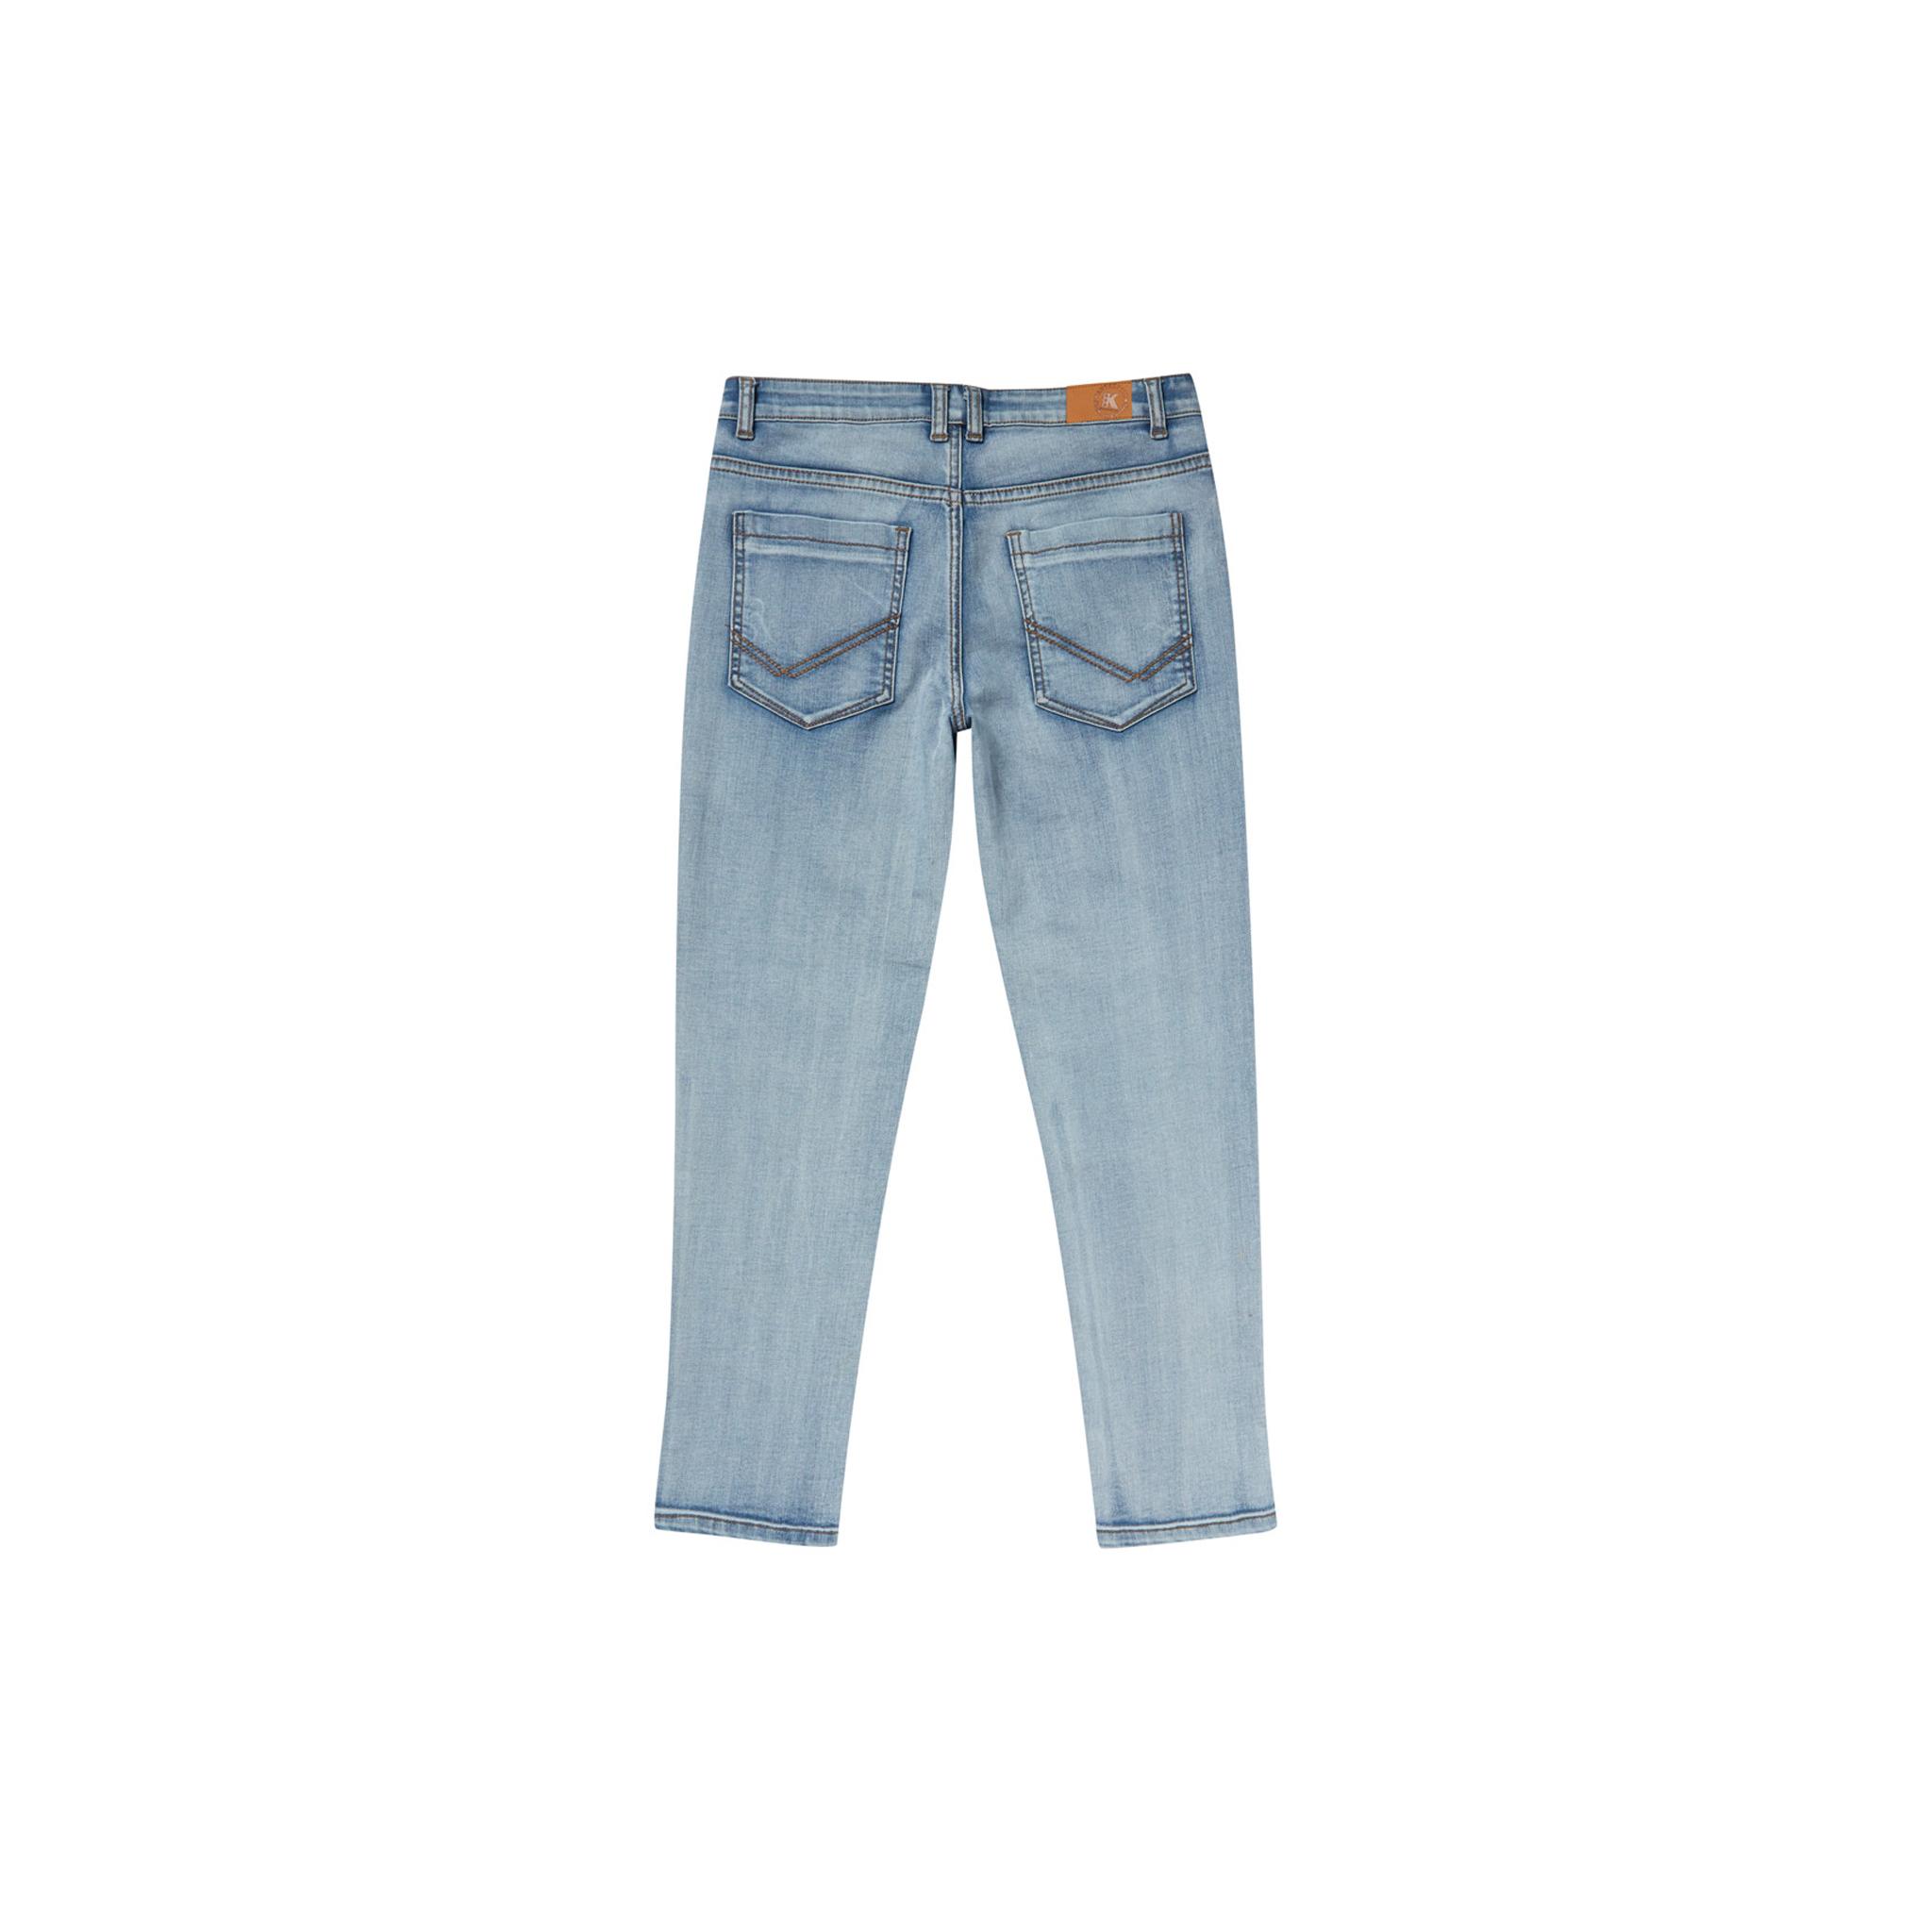 b1cd1bec ... boys-light-wash-jeans_bk1; BOYS LIGHT WASH JEANS_DT. Back to Adjustable  Waist Clothing ...